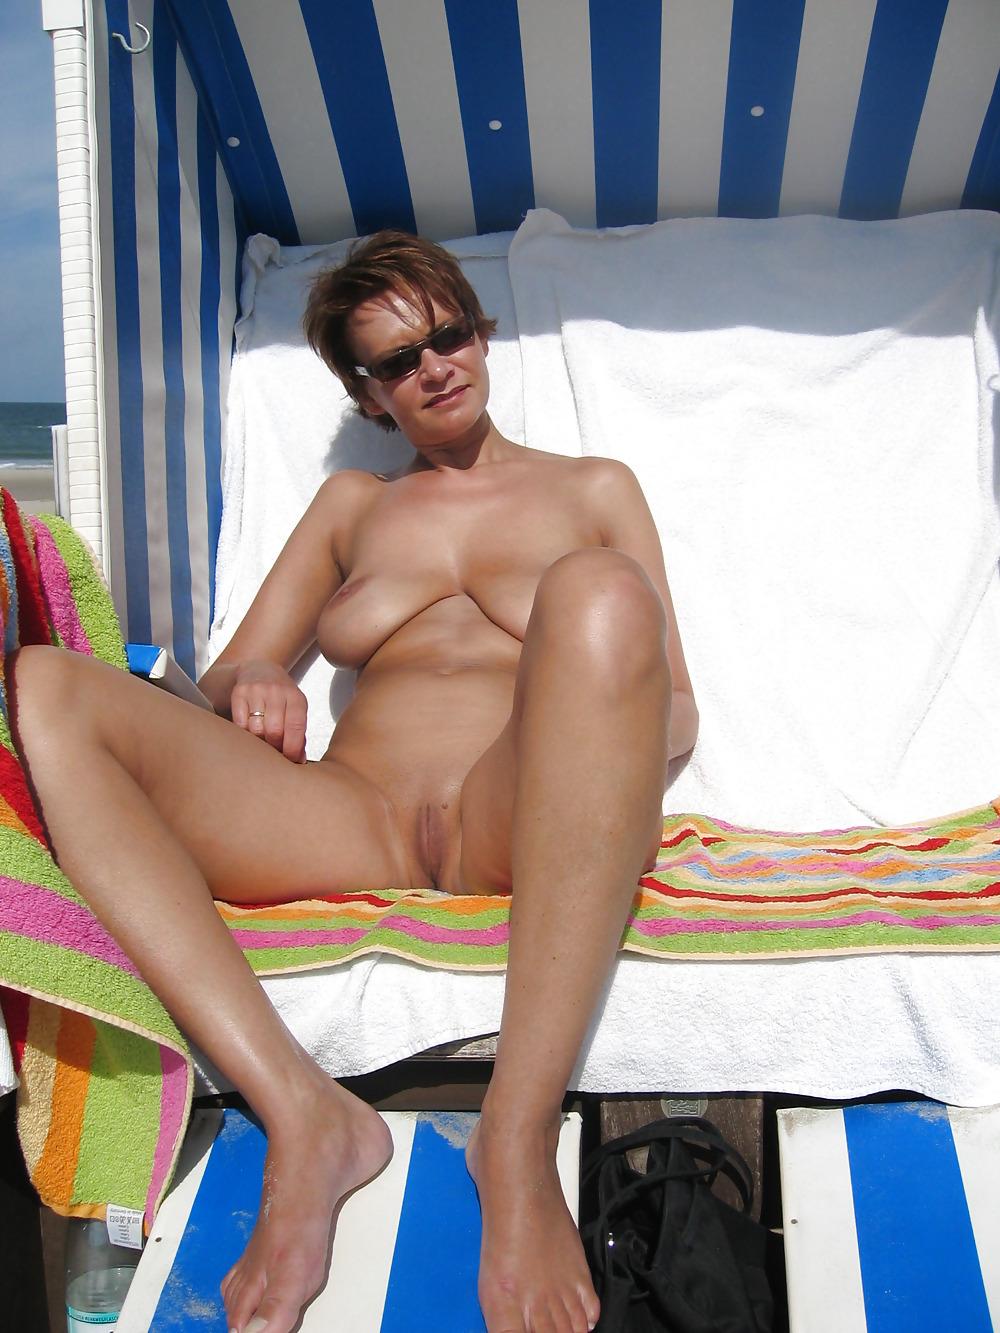 Nackt bilder tumblr deutsche Anne Wünsche